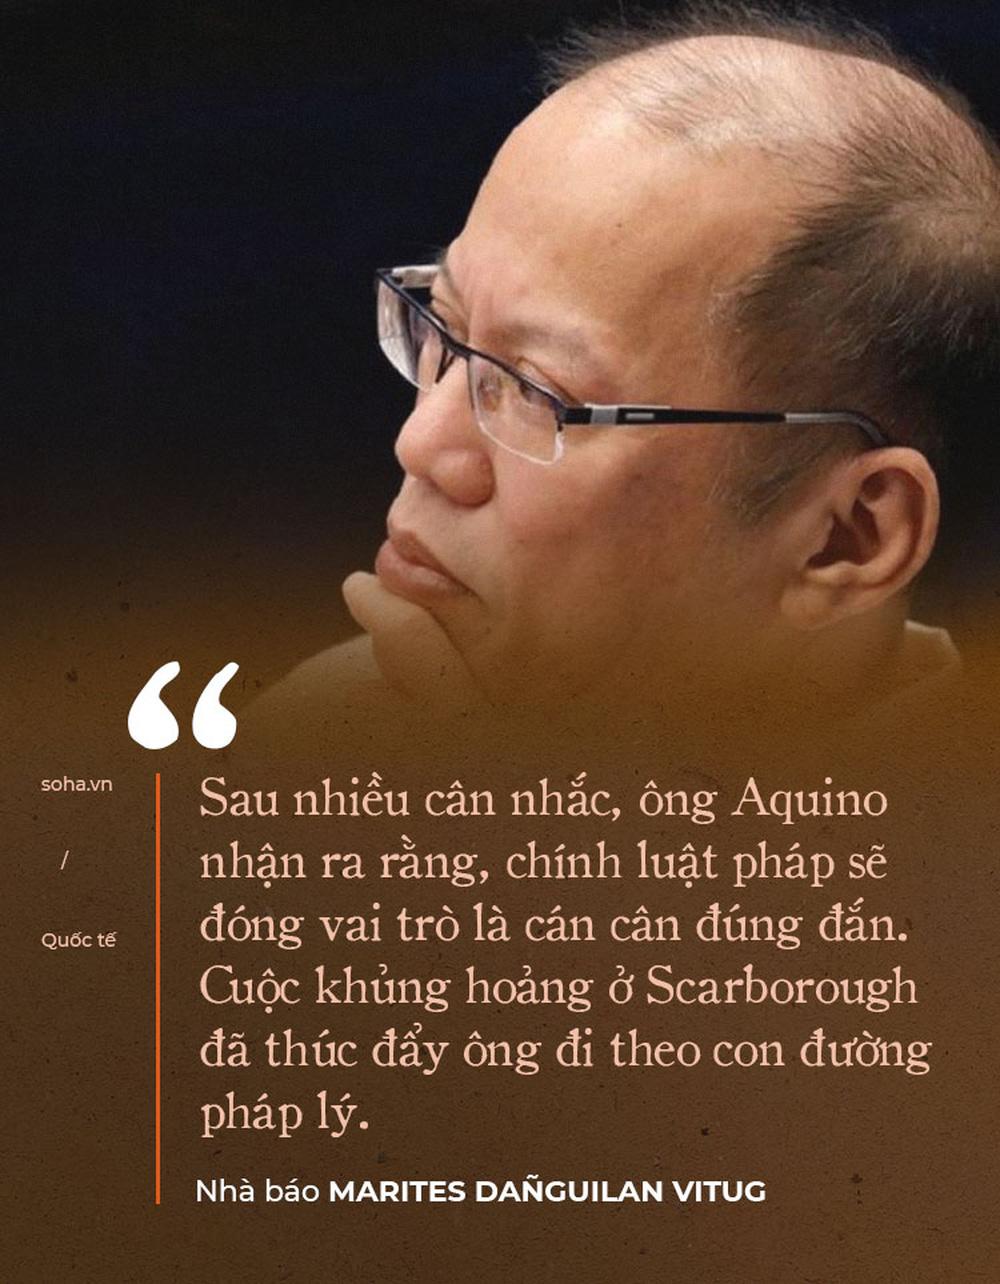 Aquino - vị Tổng thống dám đưa Trung Quốc ra tòa và chuyện vượt qua nỗi sợ người khổng lồ - Ảnh 2.